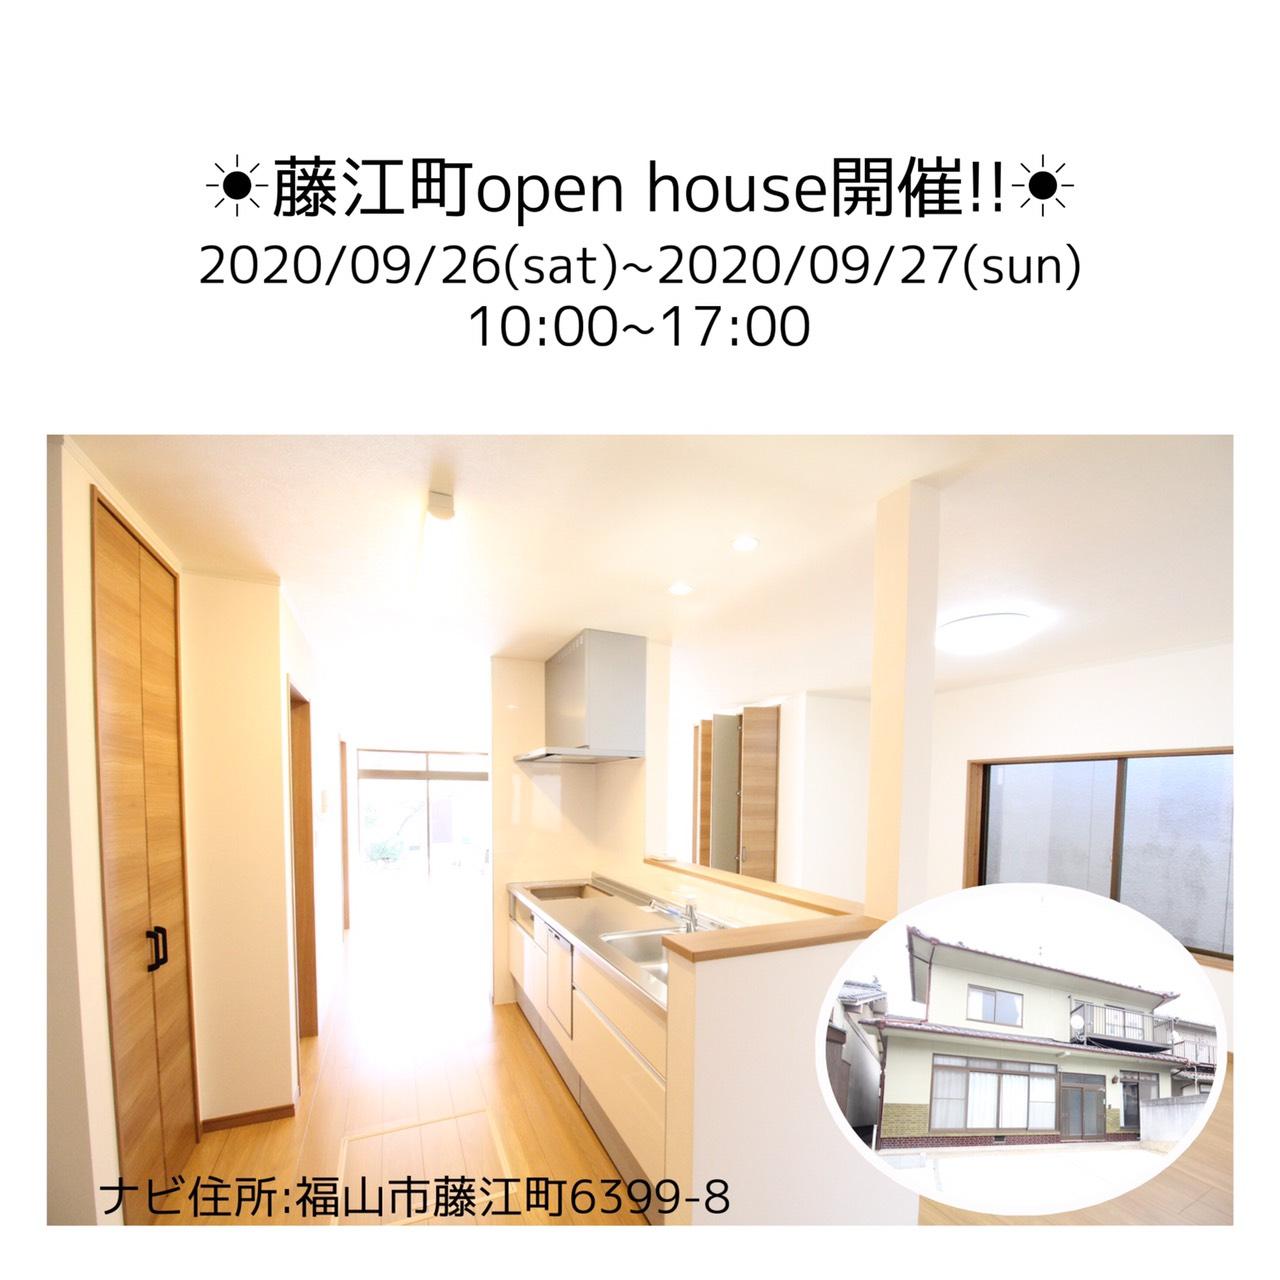 藤江町リフォーム物件オープンハウス開催します!!